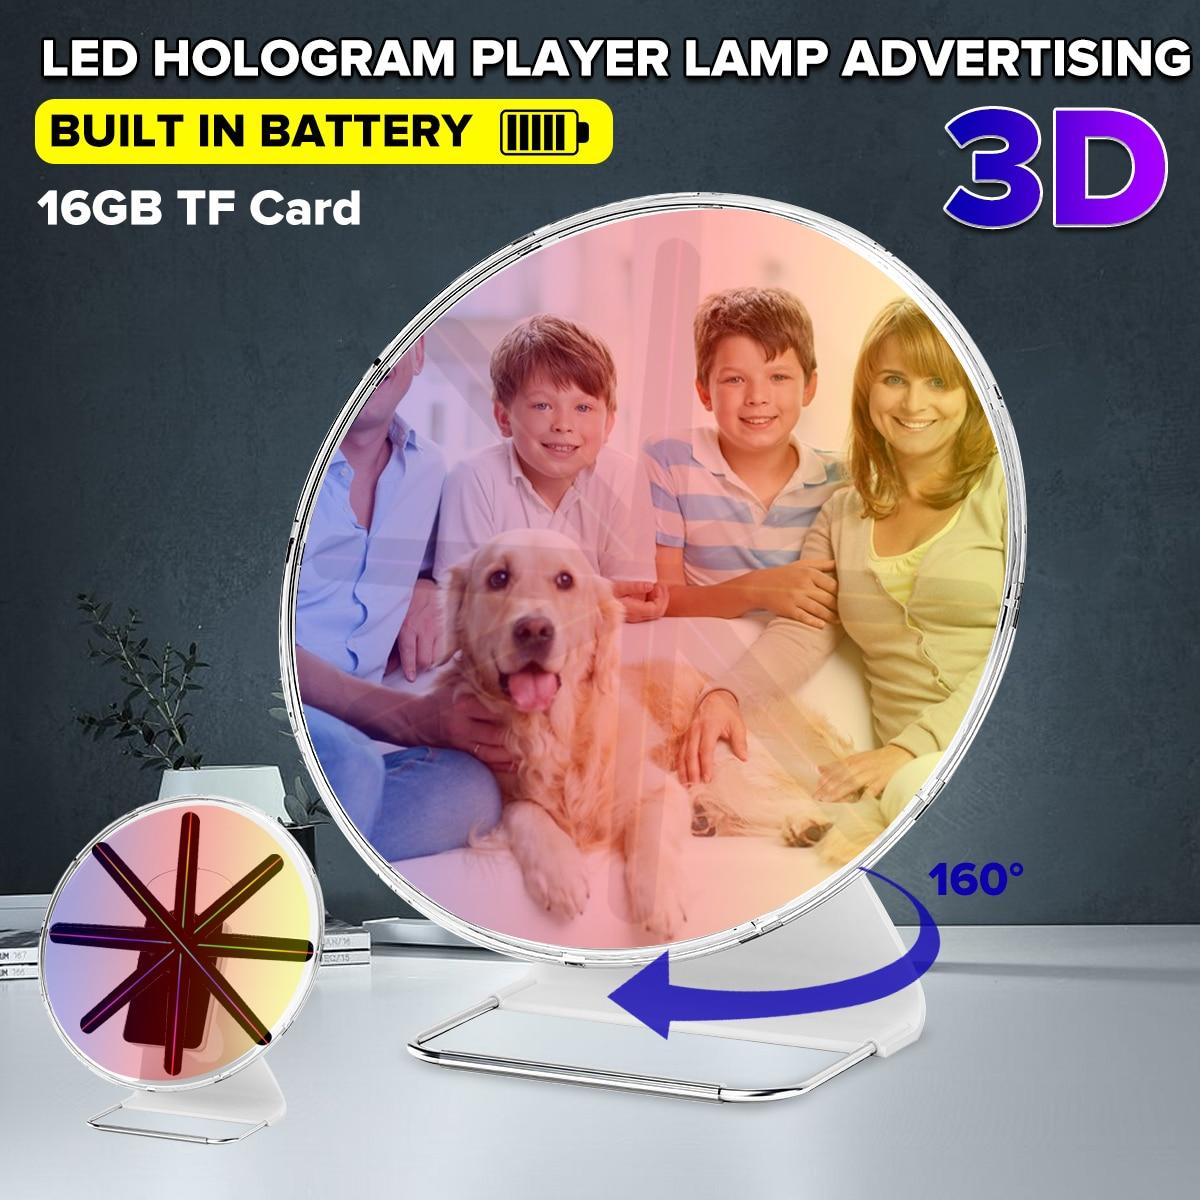 Projecteur holographique 3D Portable 30CM avec batterie lecteur hologramme LED affichage ventilateur publicité lumière APP contrôle